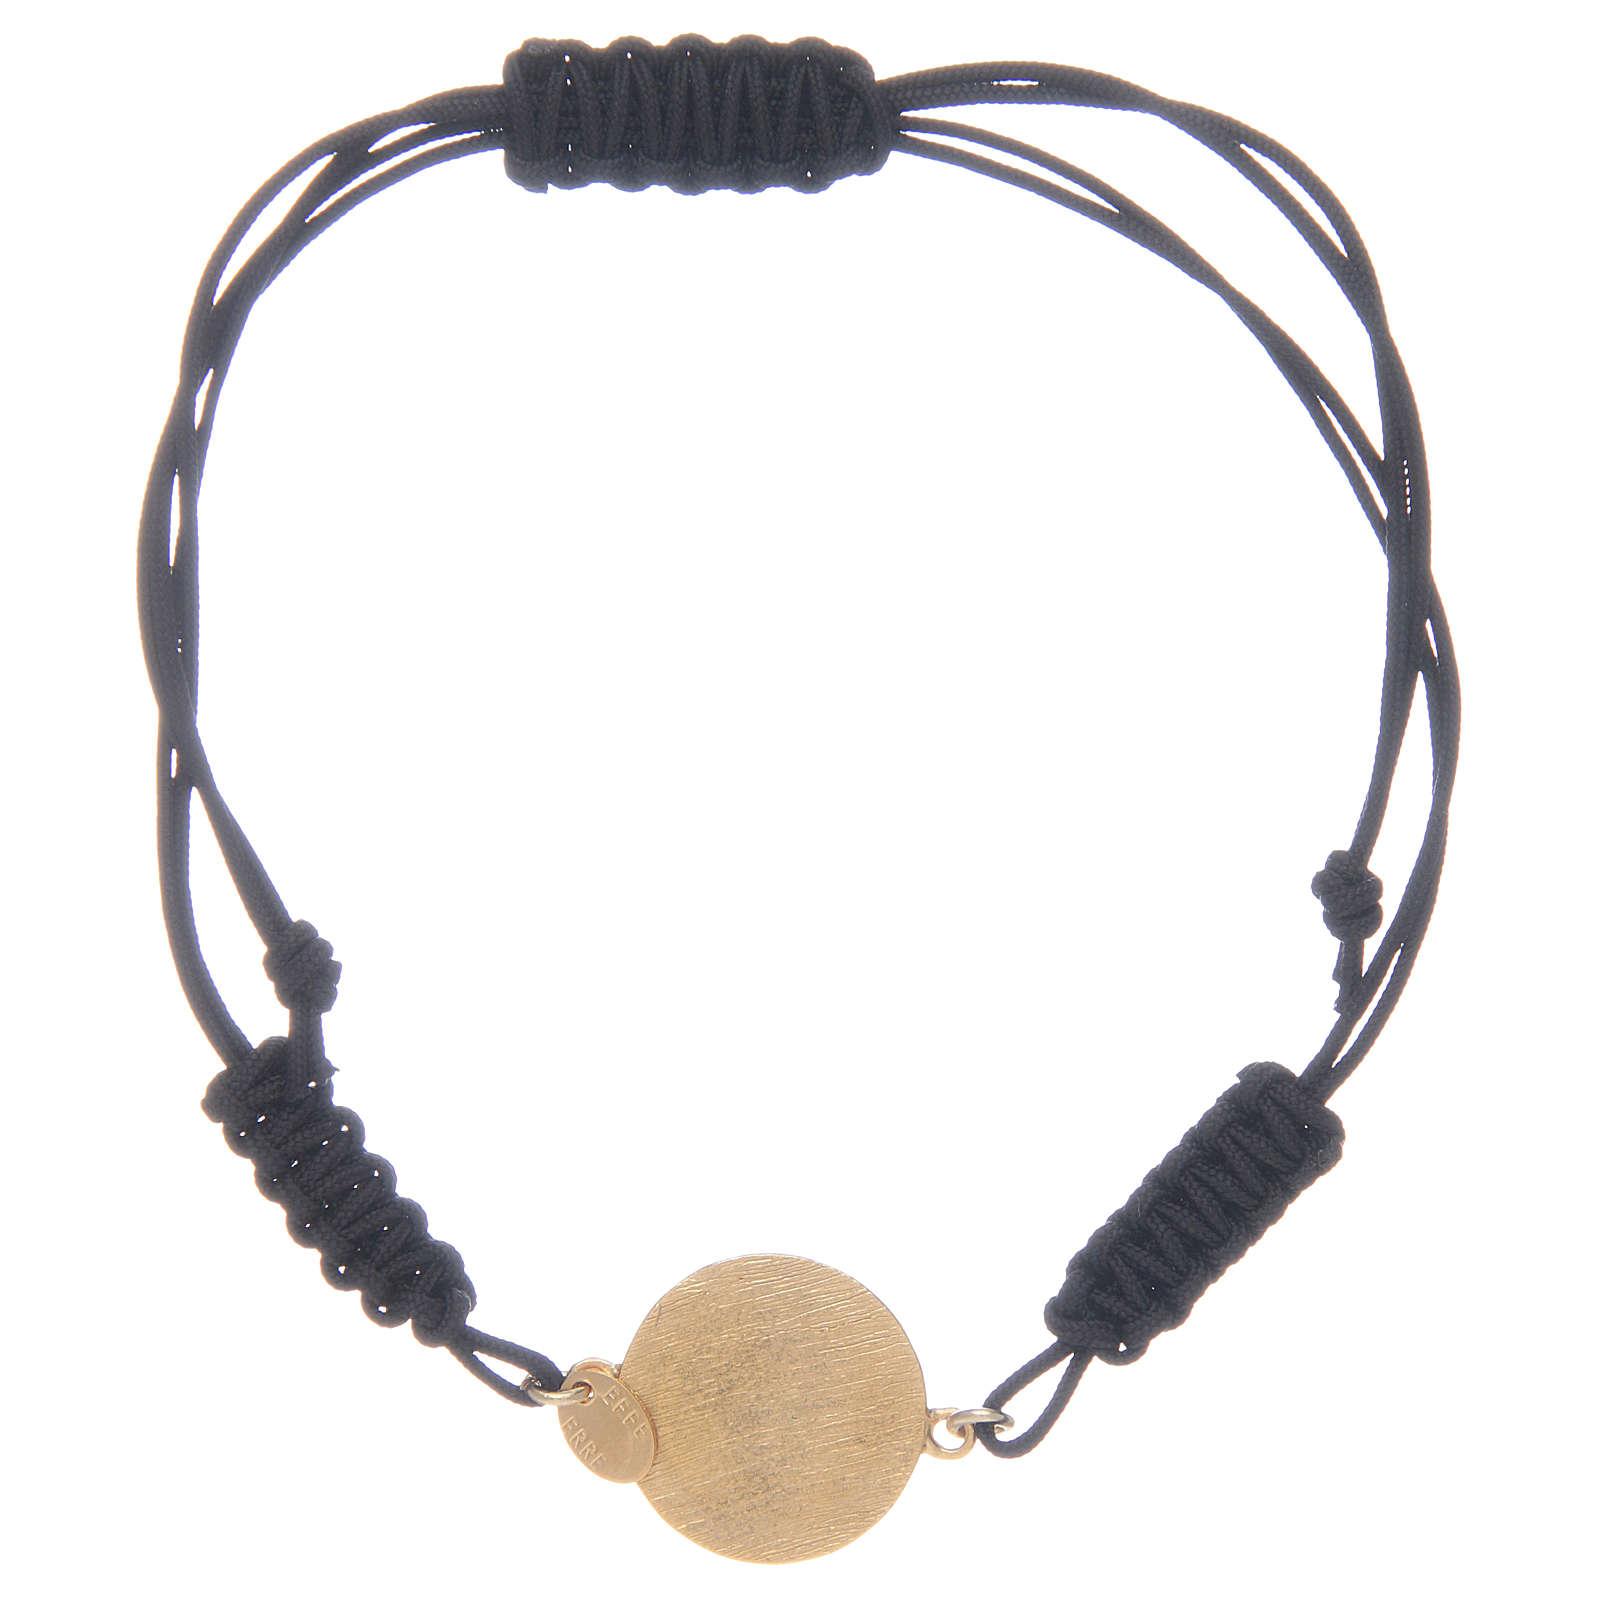 Bracciale cordino Medaglia Miracolosa zirconi trasparenti arg. 925 4